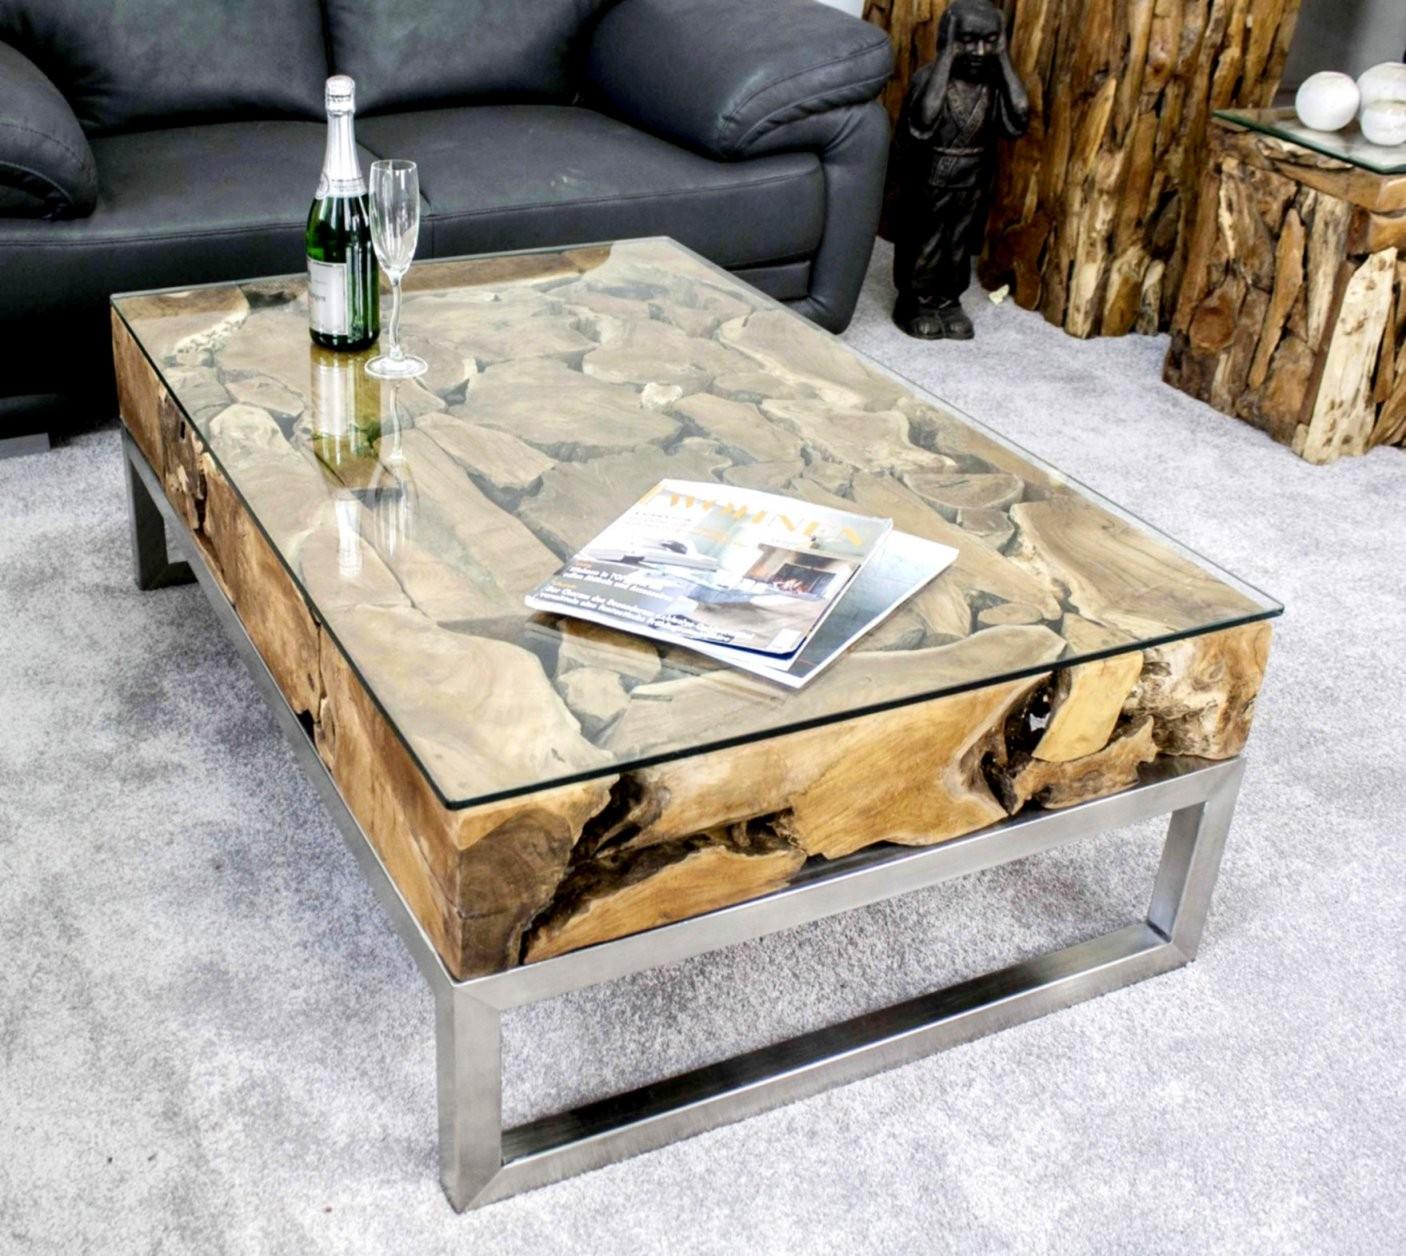 Baumscheiben Tisch Esstisch – New Esstisch von Tisch Baumscheibe Selber Bauen Bild